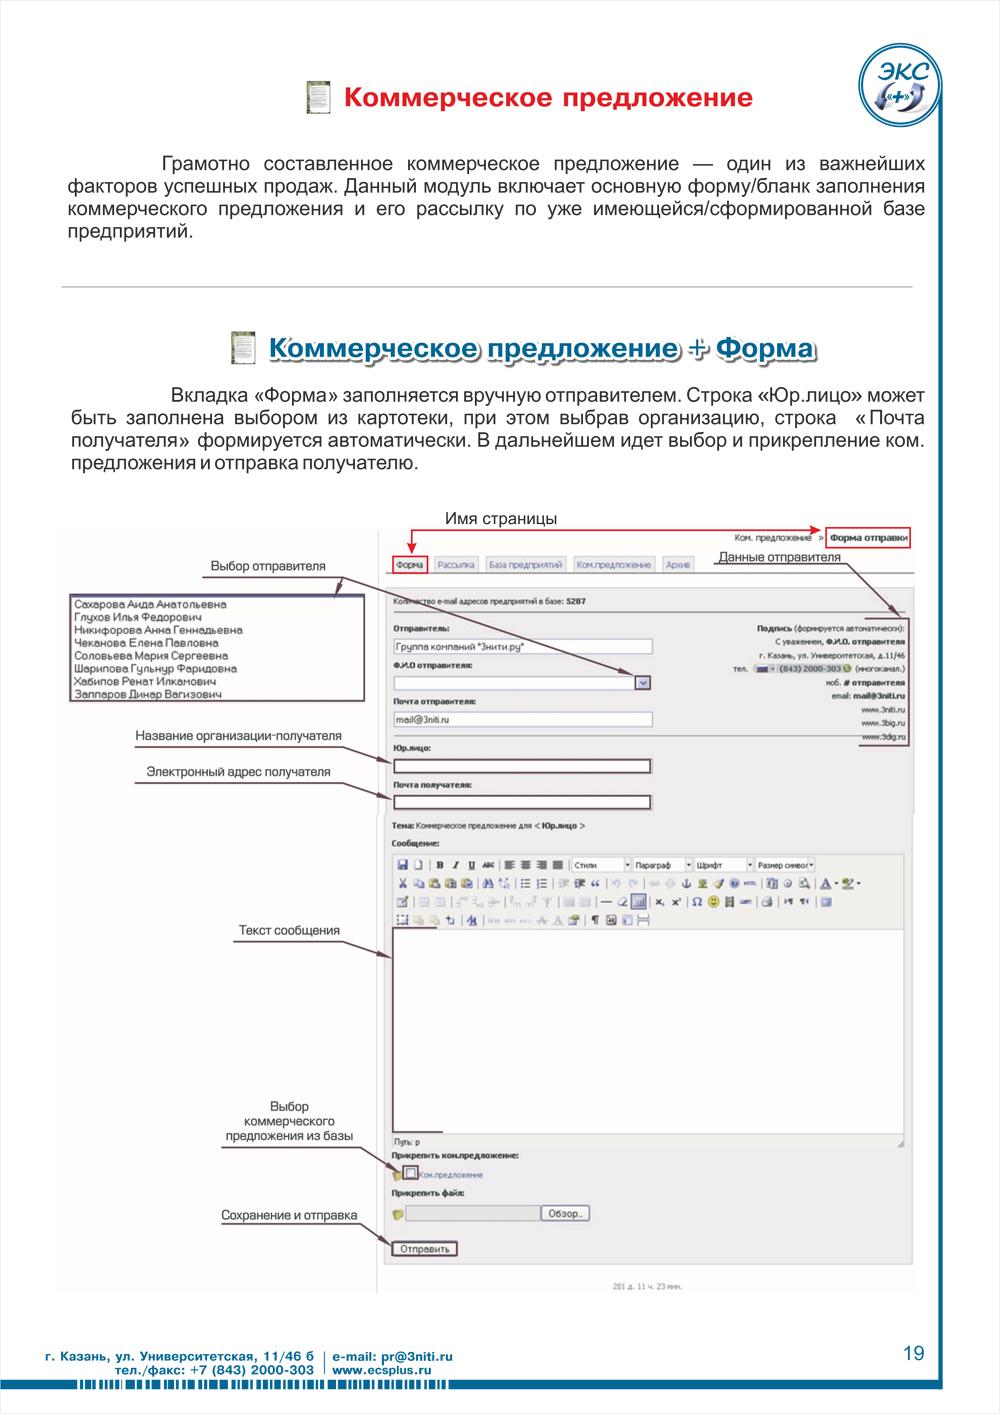 коммерческое предложение услуги на английском языке образец